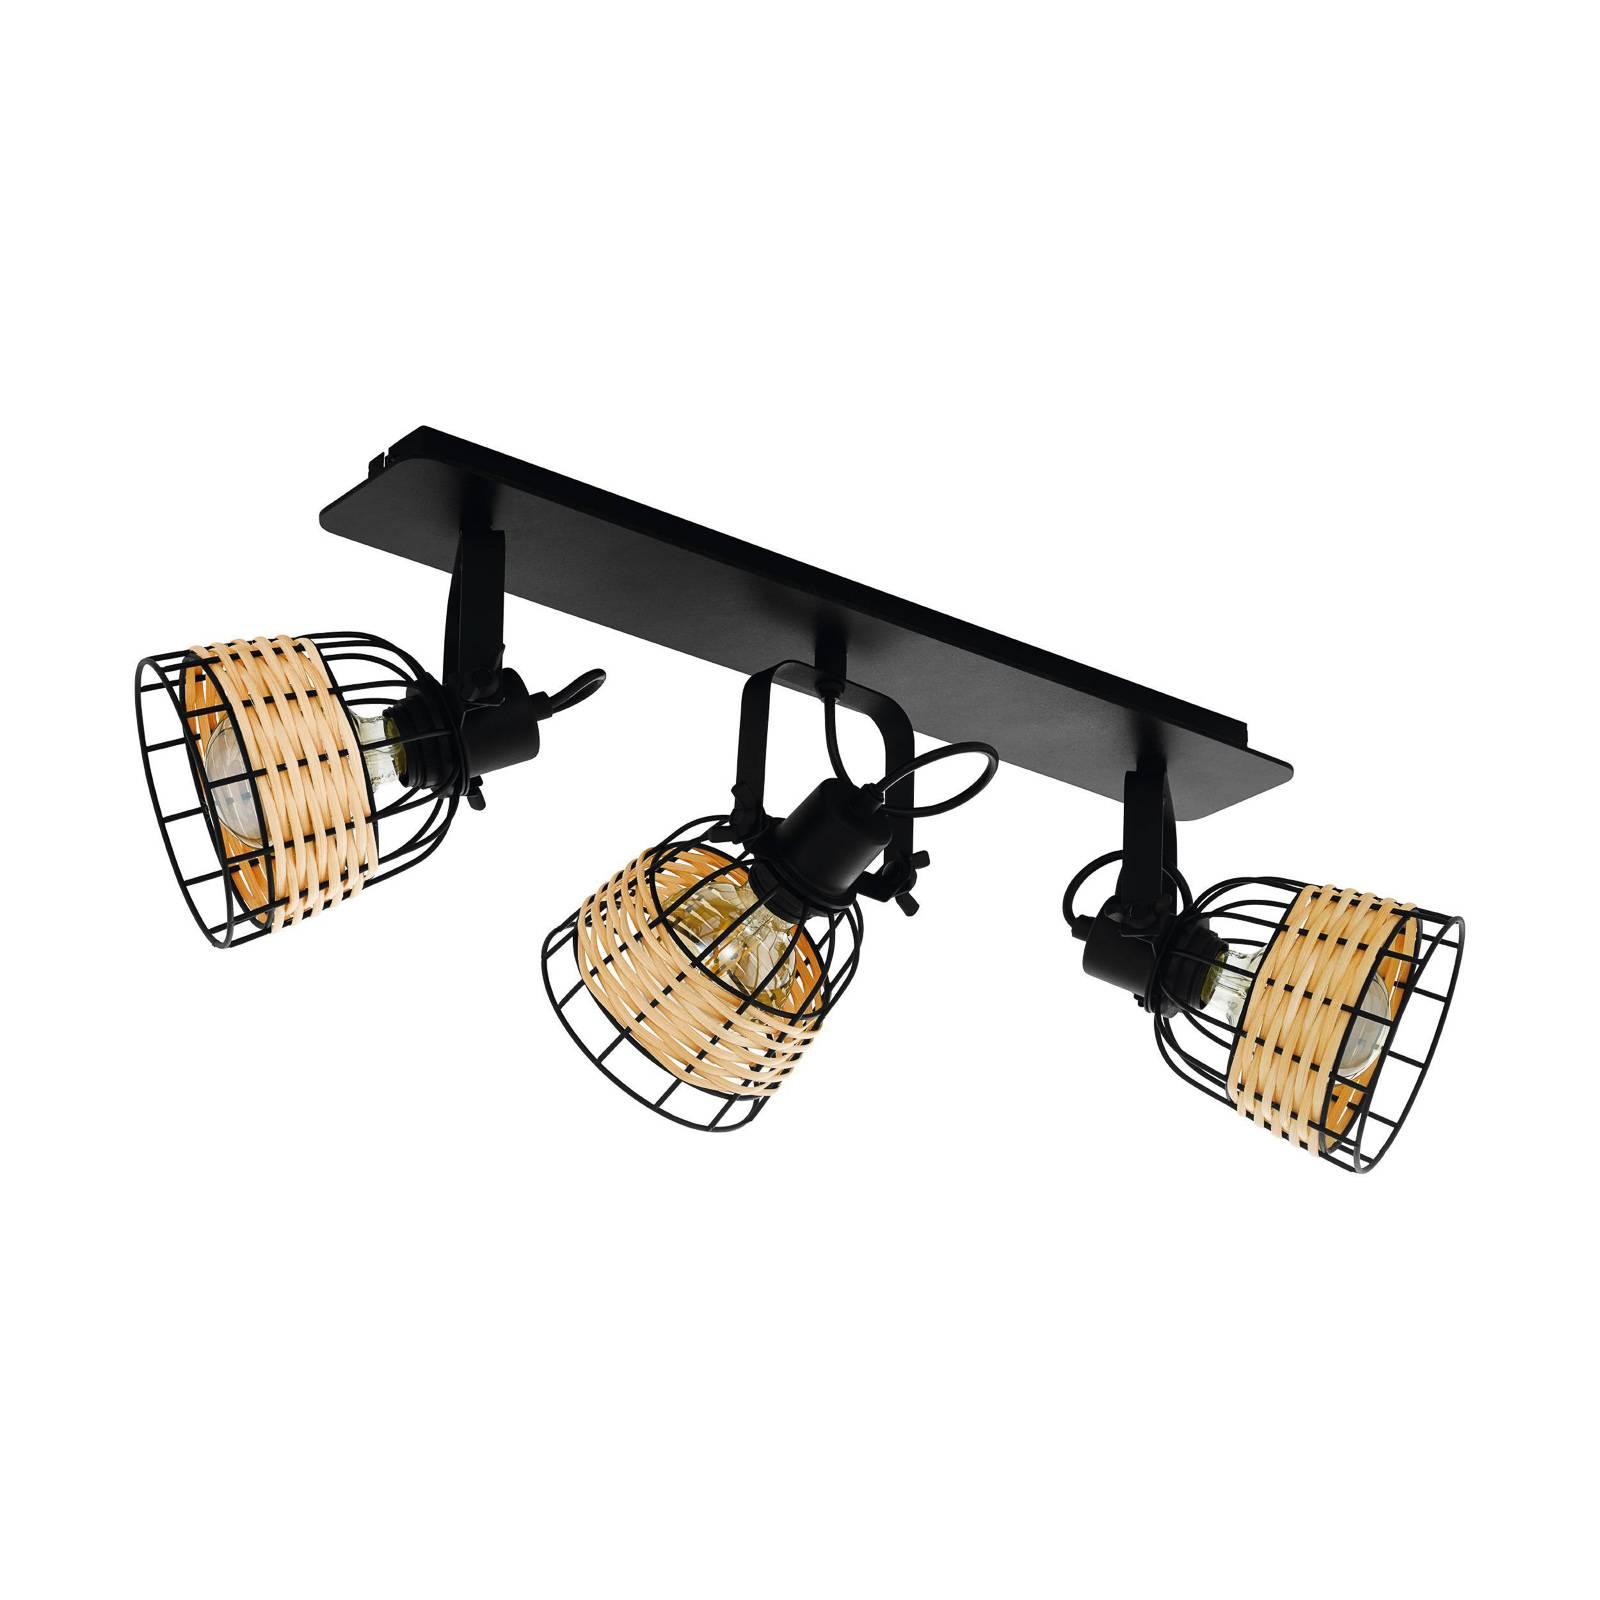 Spot soffitto Anwick 1 con decoro rattan, 3 luci